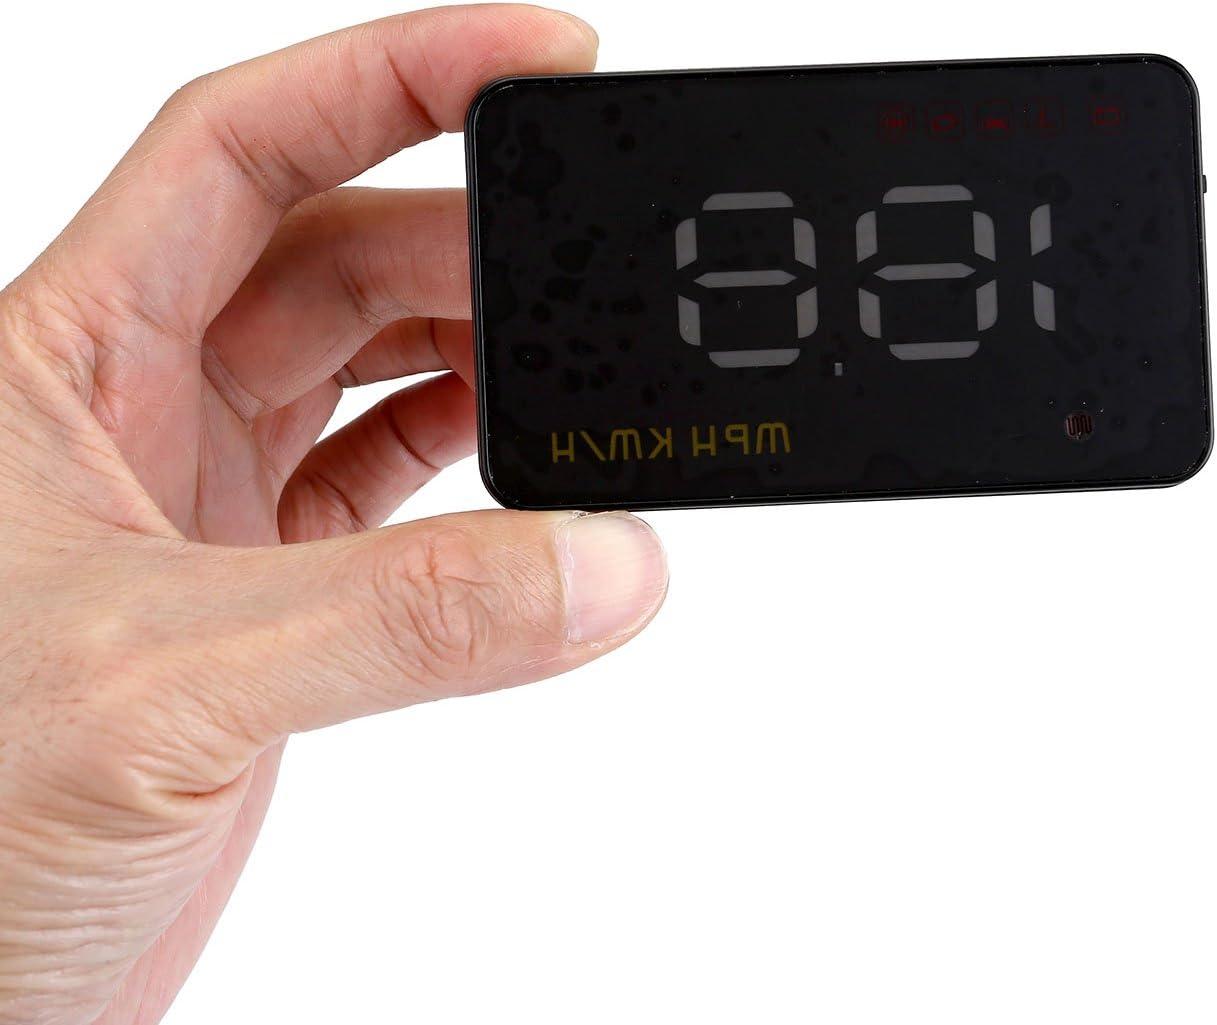 HUD avec interface OBD2//Euobd Plug 8,9/cm /écran KM//H MPH RPM D/élais davertissement film r/éfl/échissant et tapis antid/érapant inclus ACBungji Head Up Display